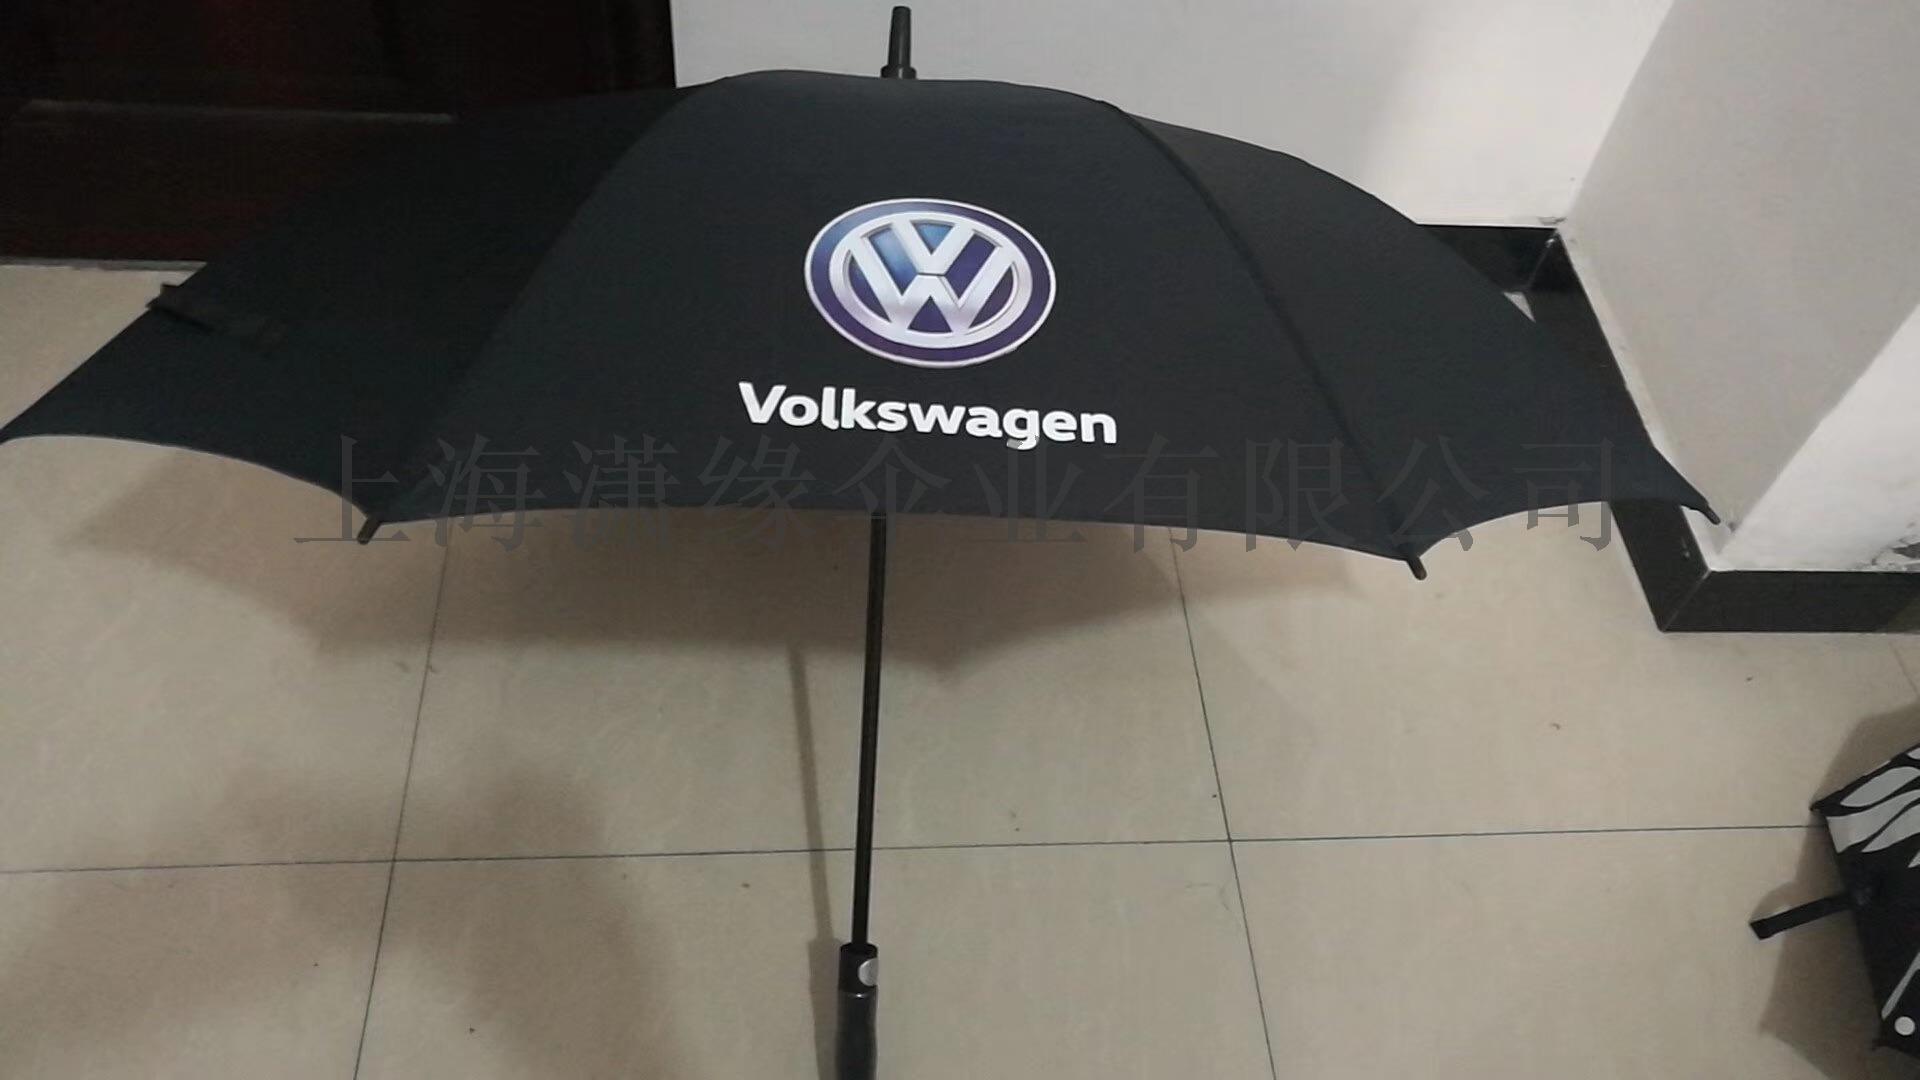 广告遮阳伞 广告雨伞 奥迪汽车广告伞 木中棒伞117170682